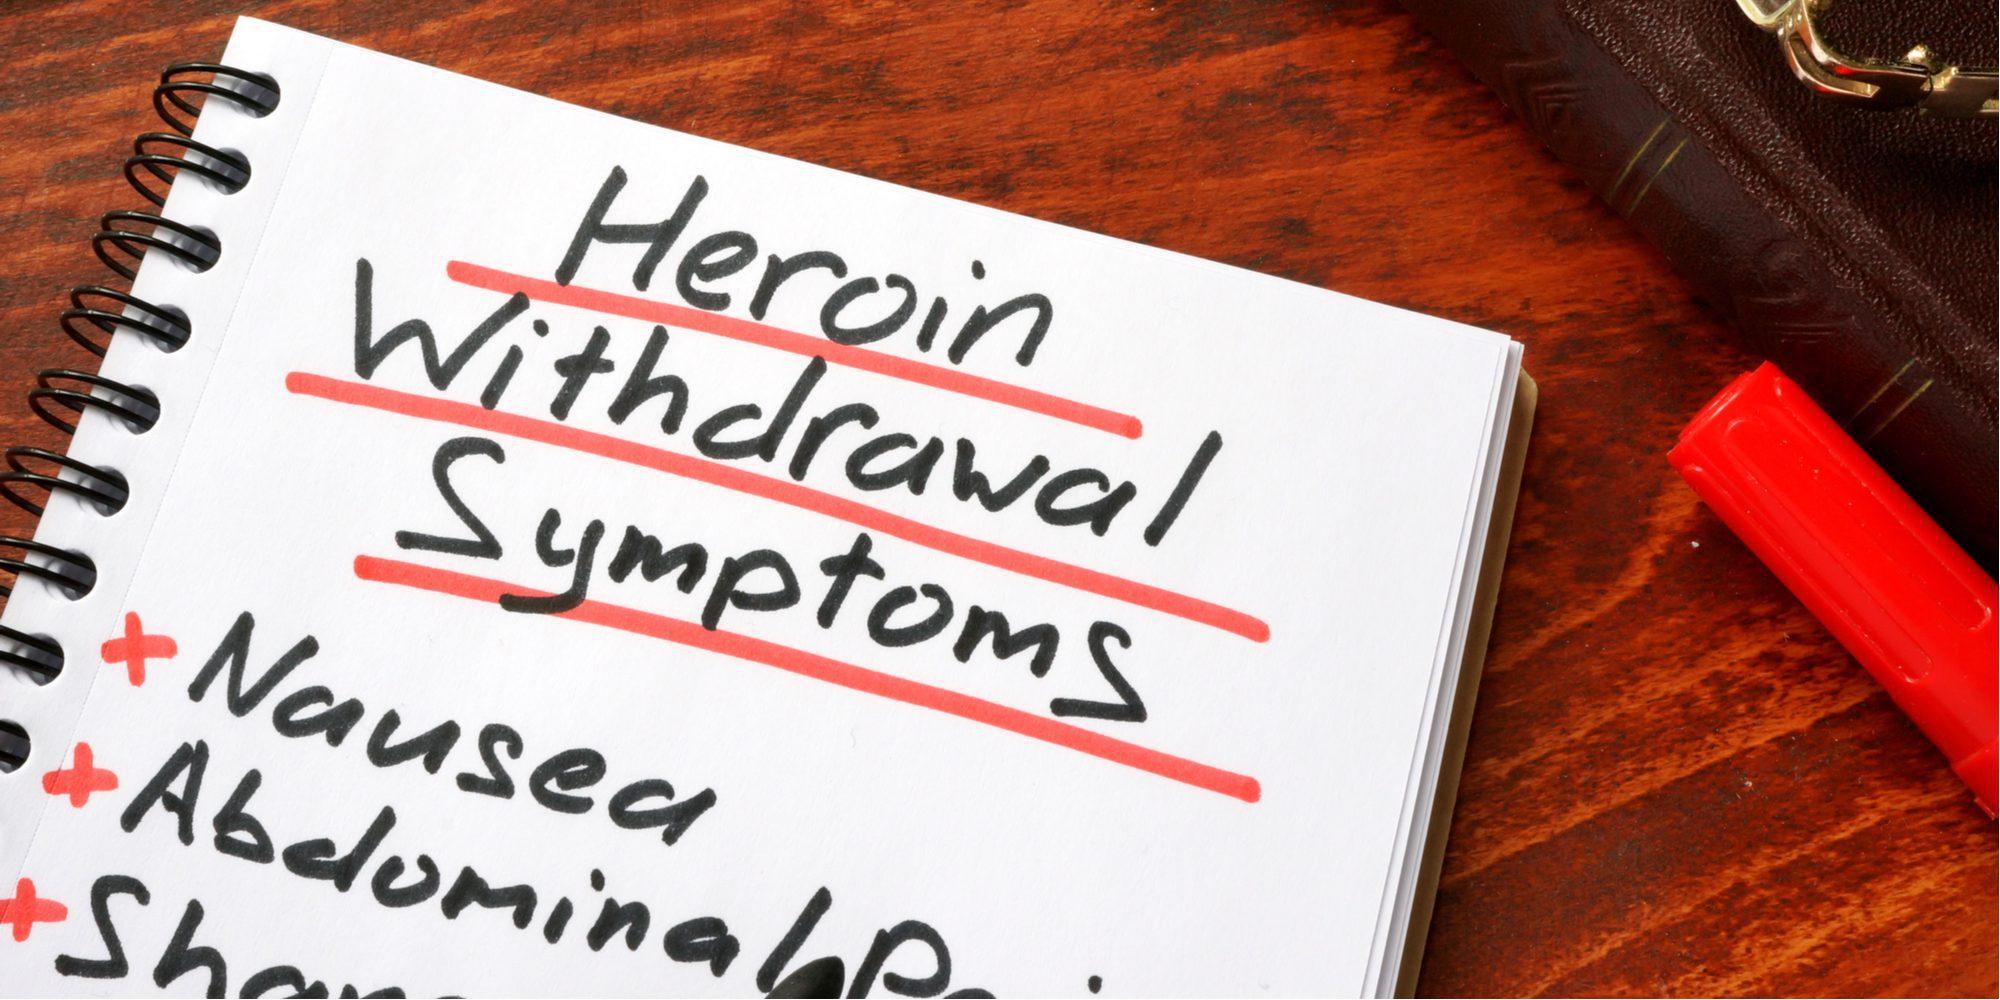 black tar heroin withdrawals